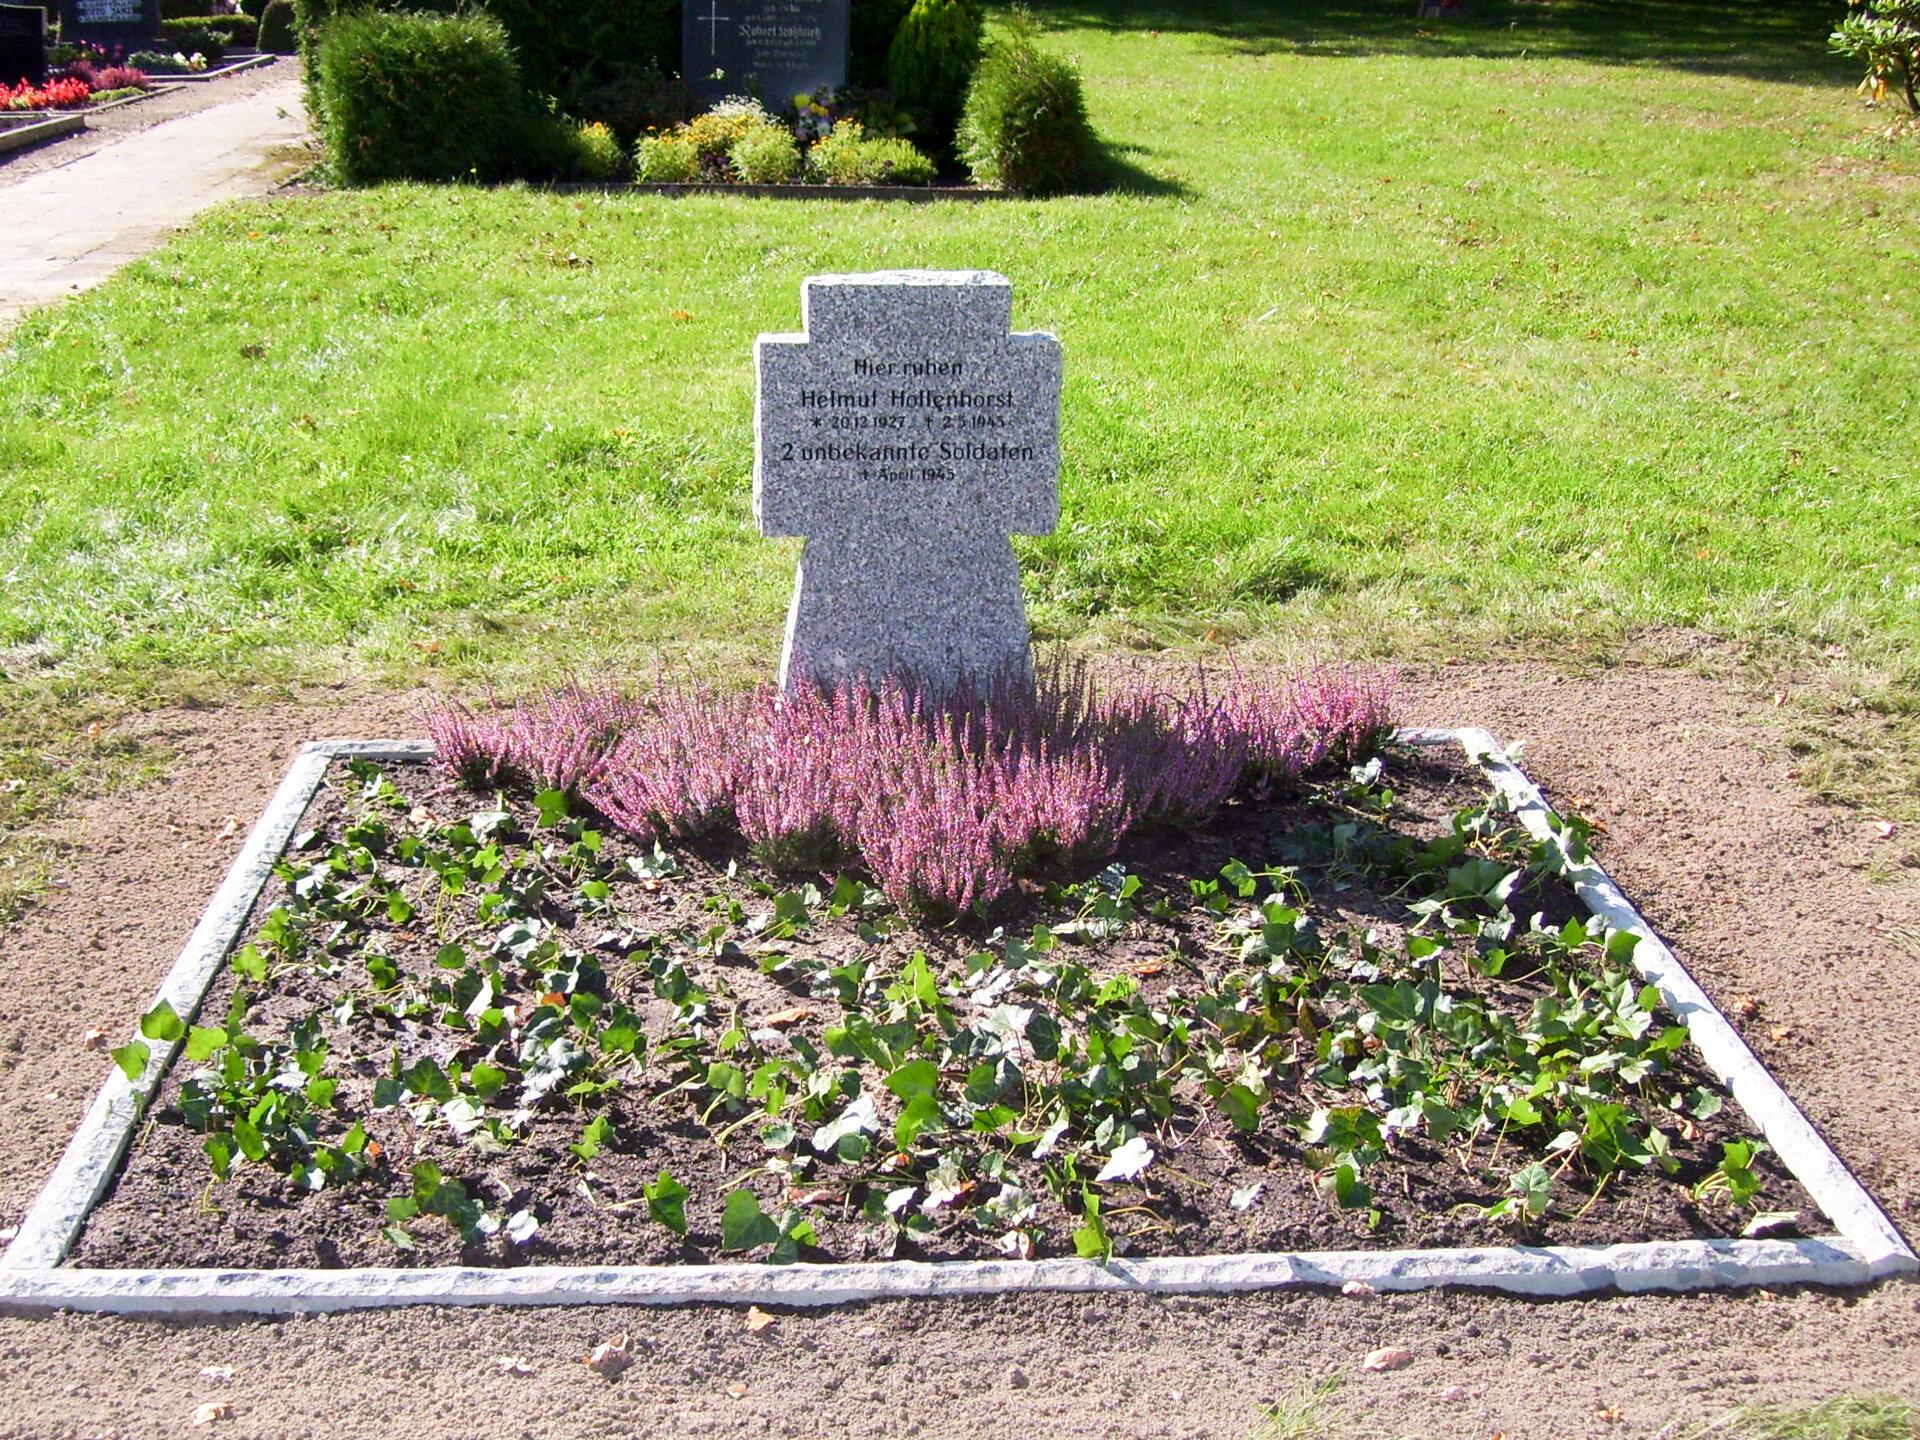 Buchholz, Friedhof: Ehrengräber für drei im Zweiten Weltkrieg gefallene Soldaten